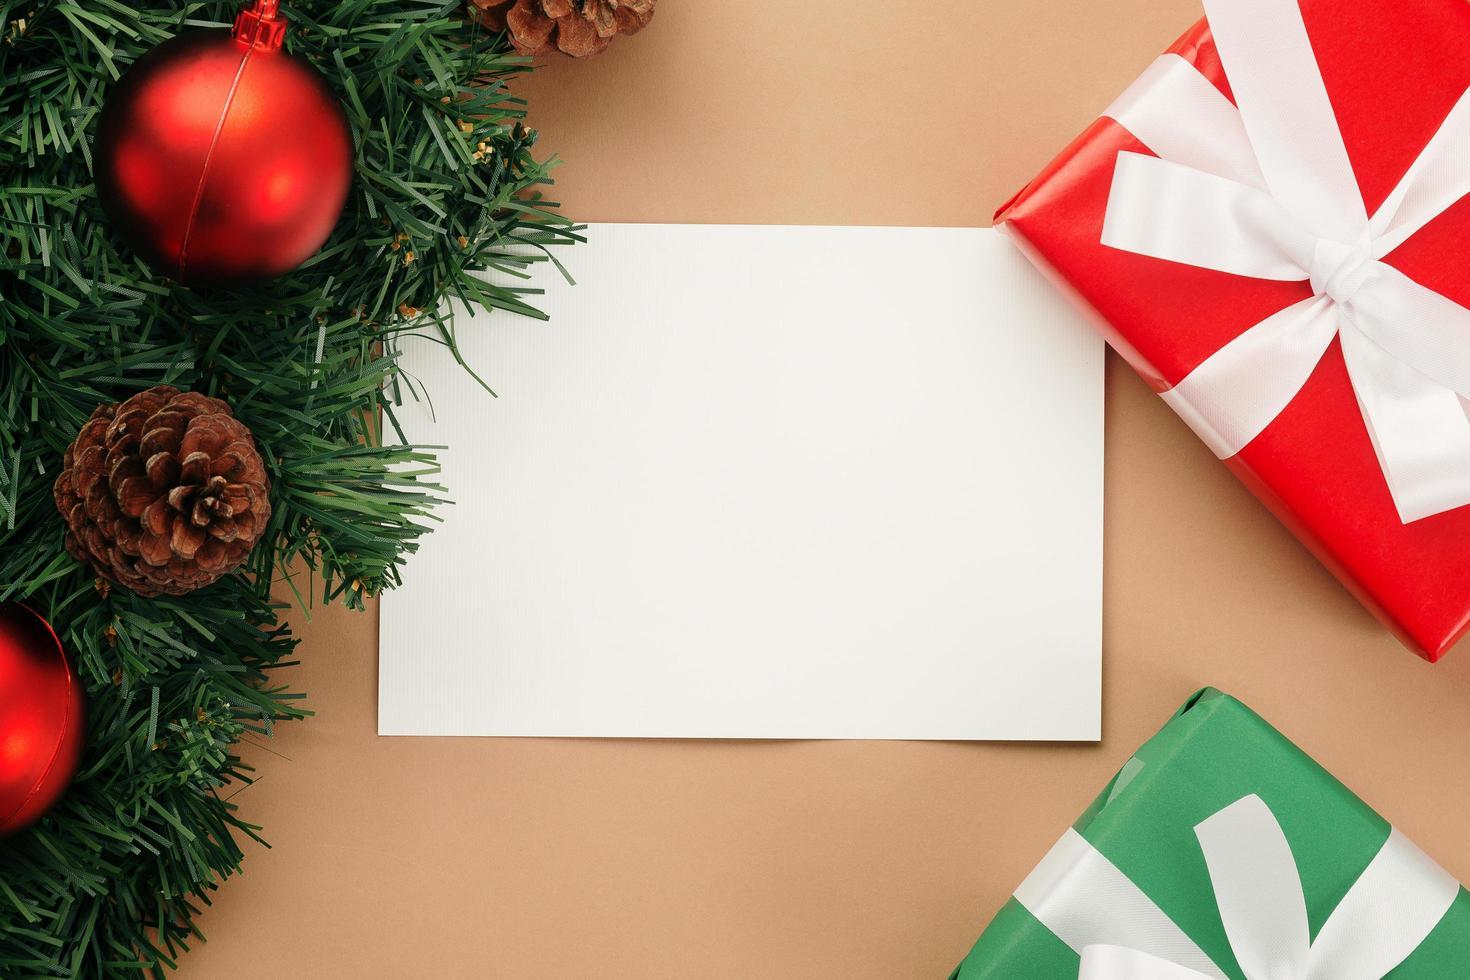 Frohe Weihnachten Grußkarte Modell Vorlage foto